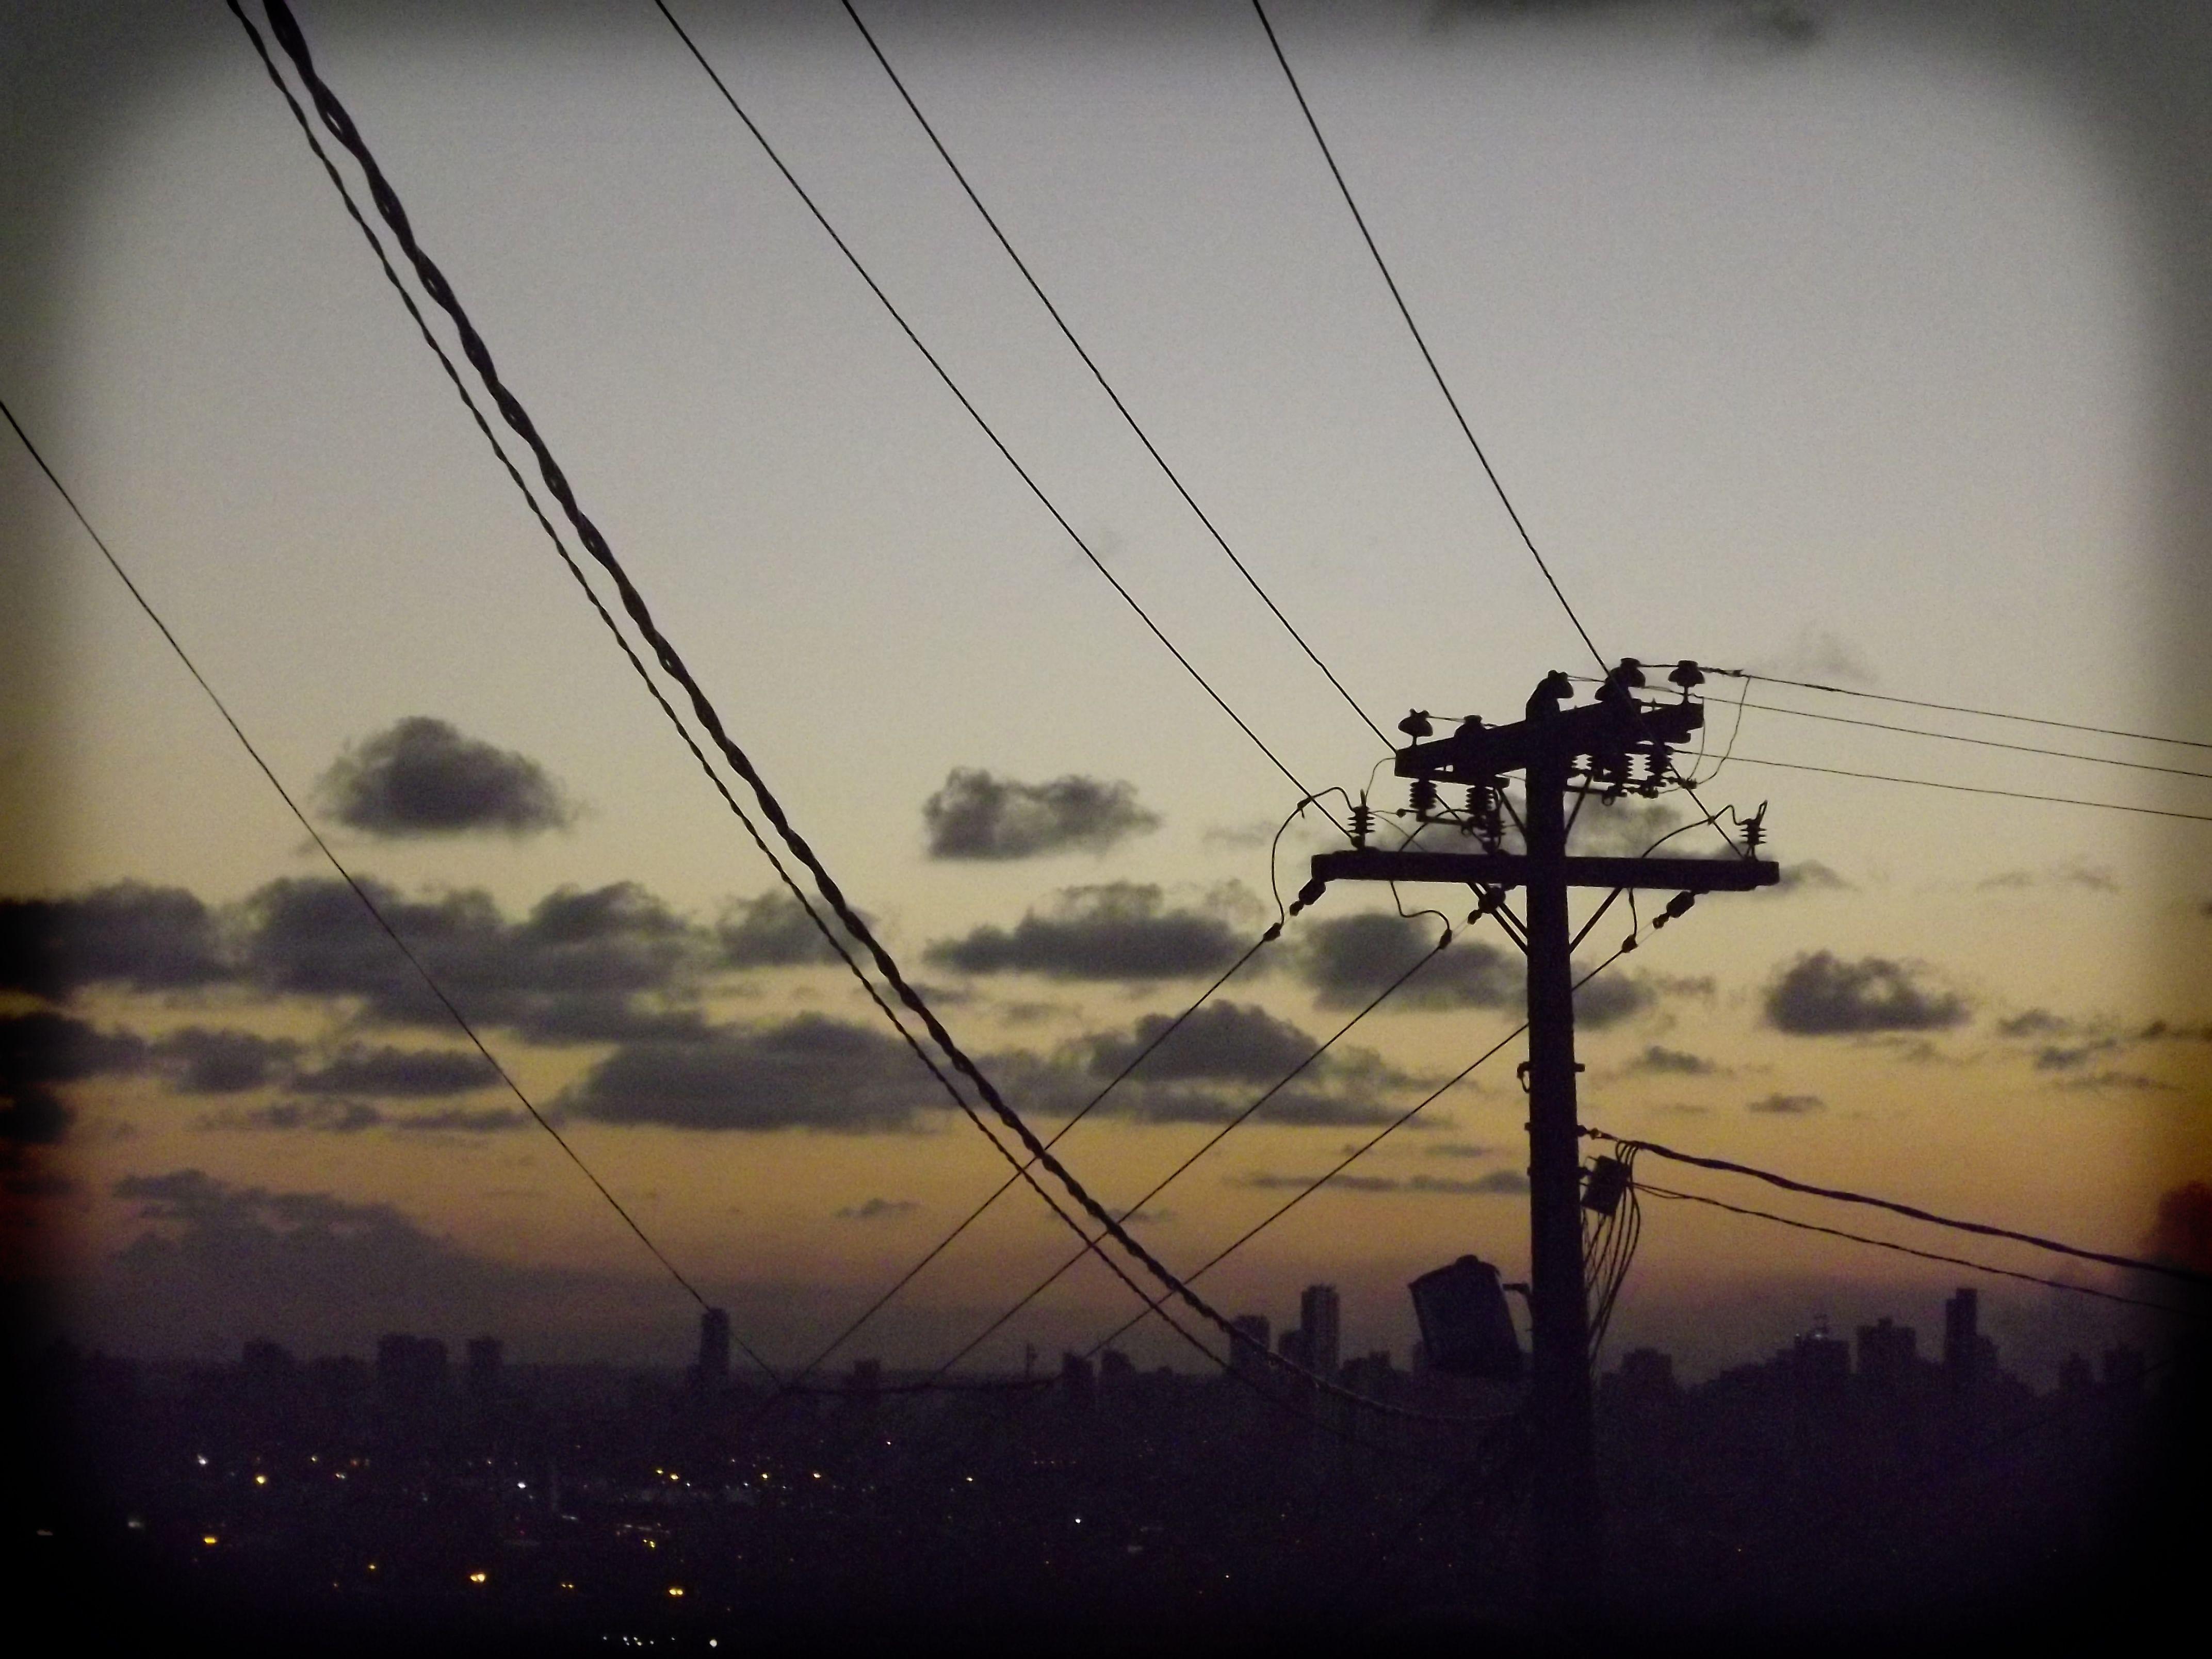 Céu maravilhoso de Pernambuco.